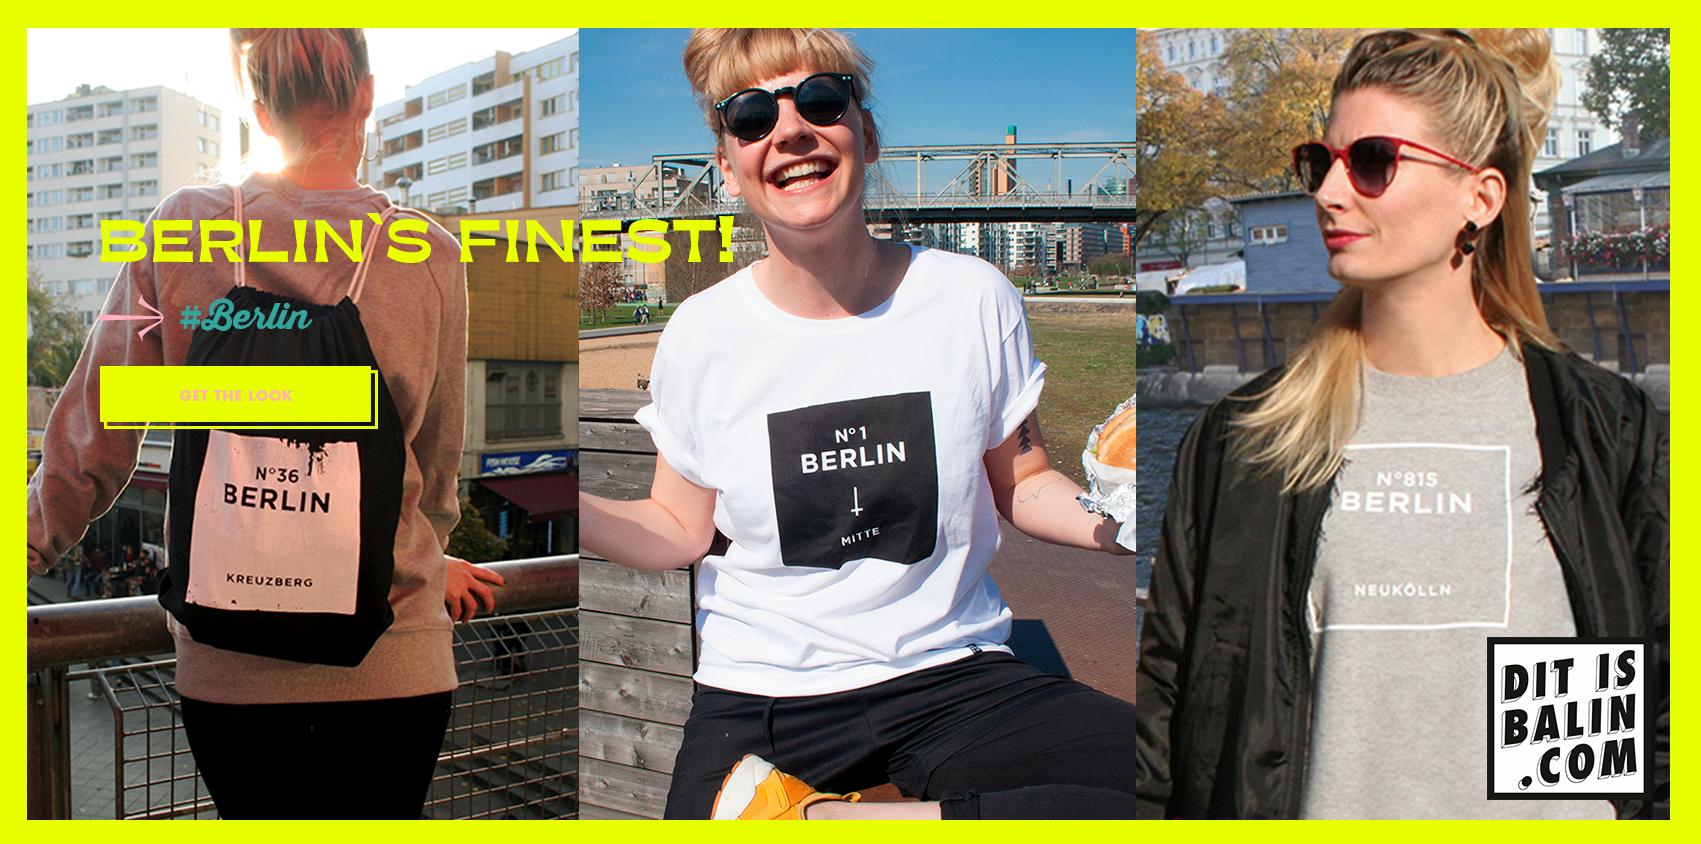 DIT IS BALIN – Berlin